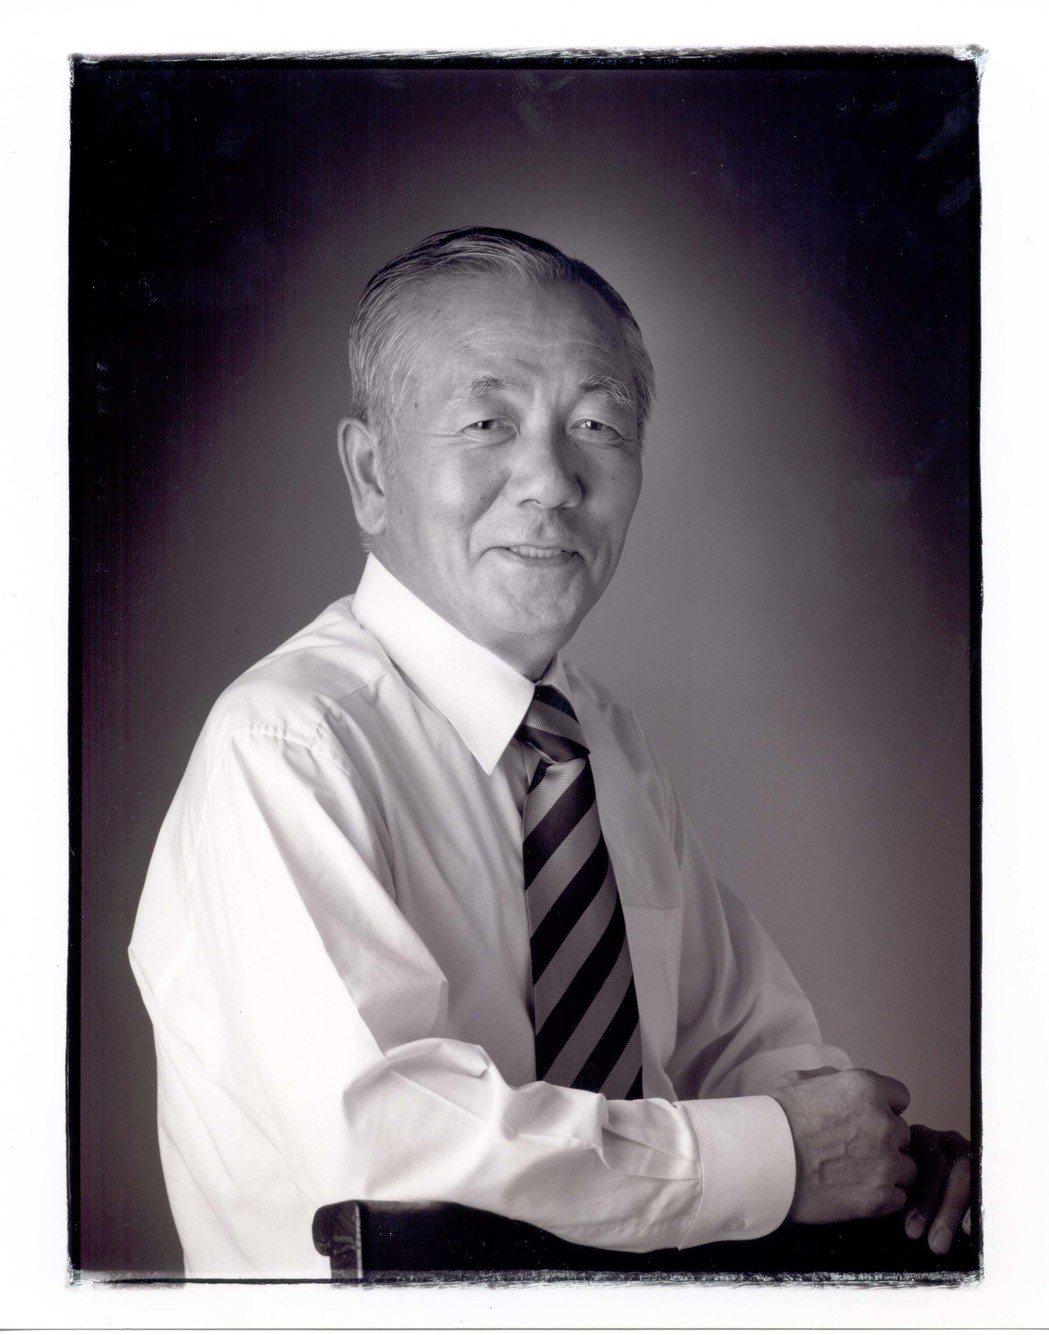 釜山國際影展創辦人及現任主席金東虎。圖/台北市電影委員會提供